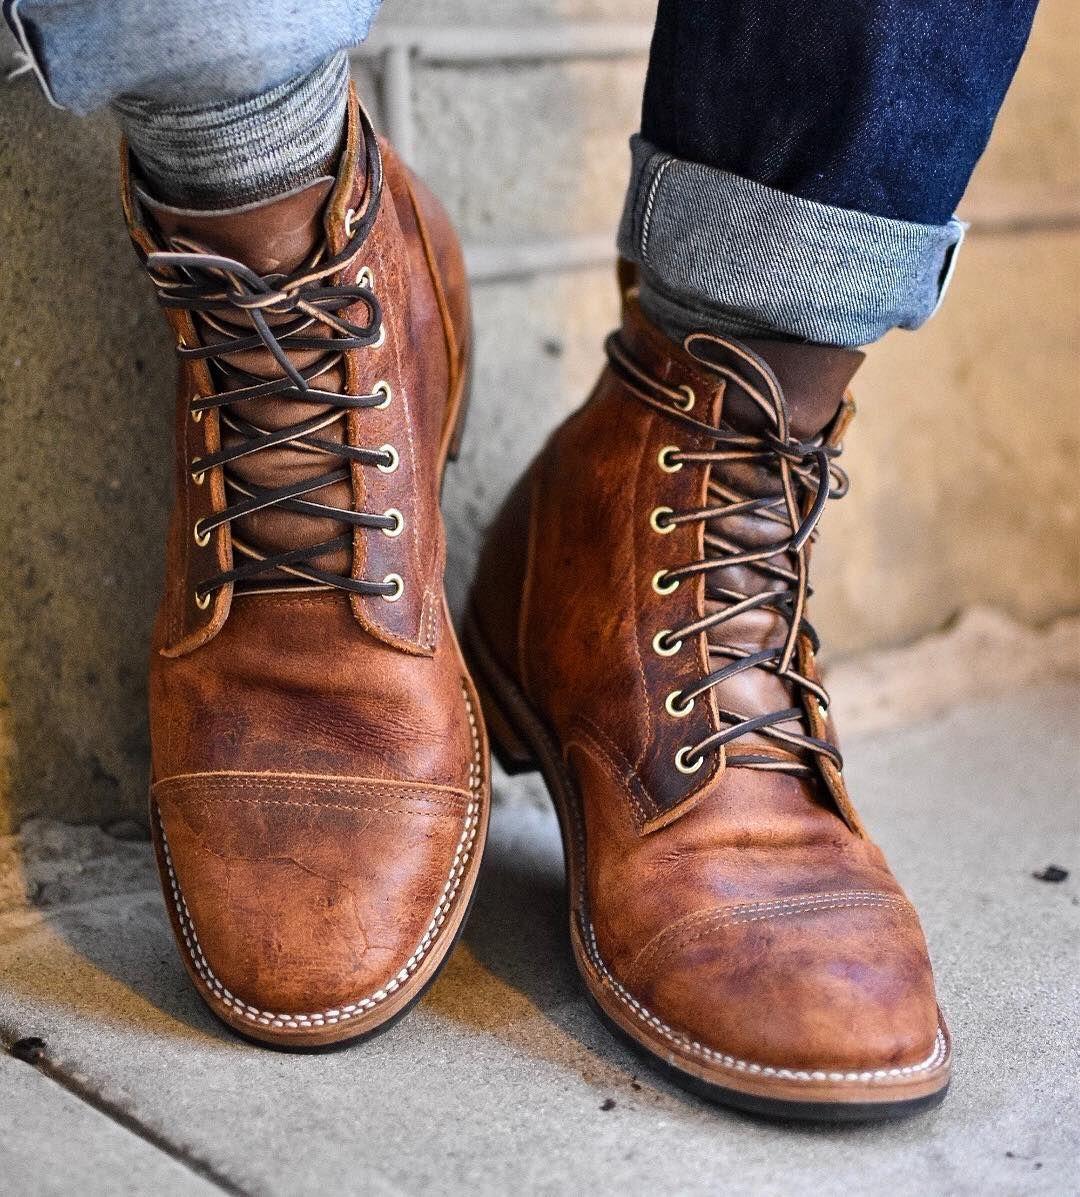 Truman Boot Company Coach Rambler Boots